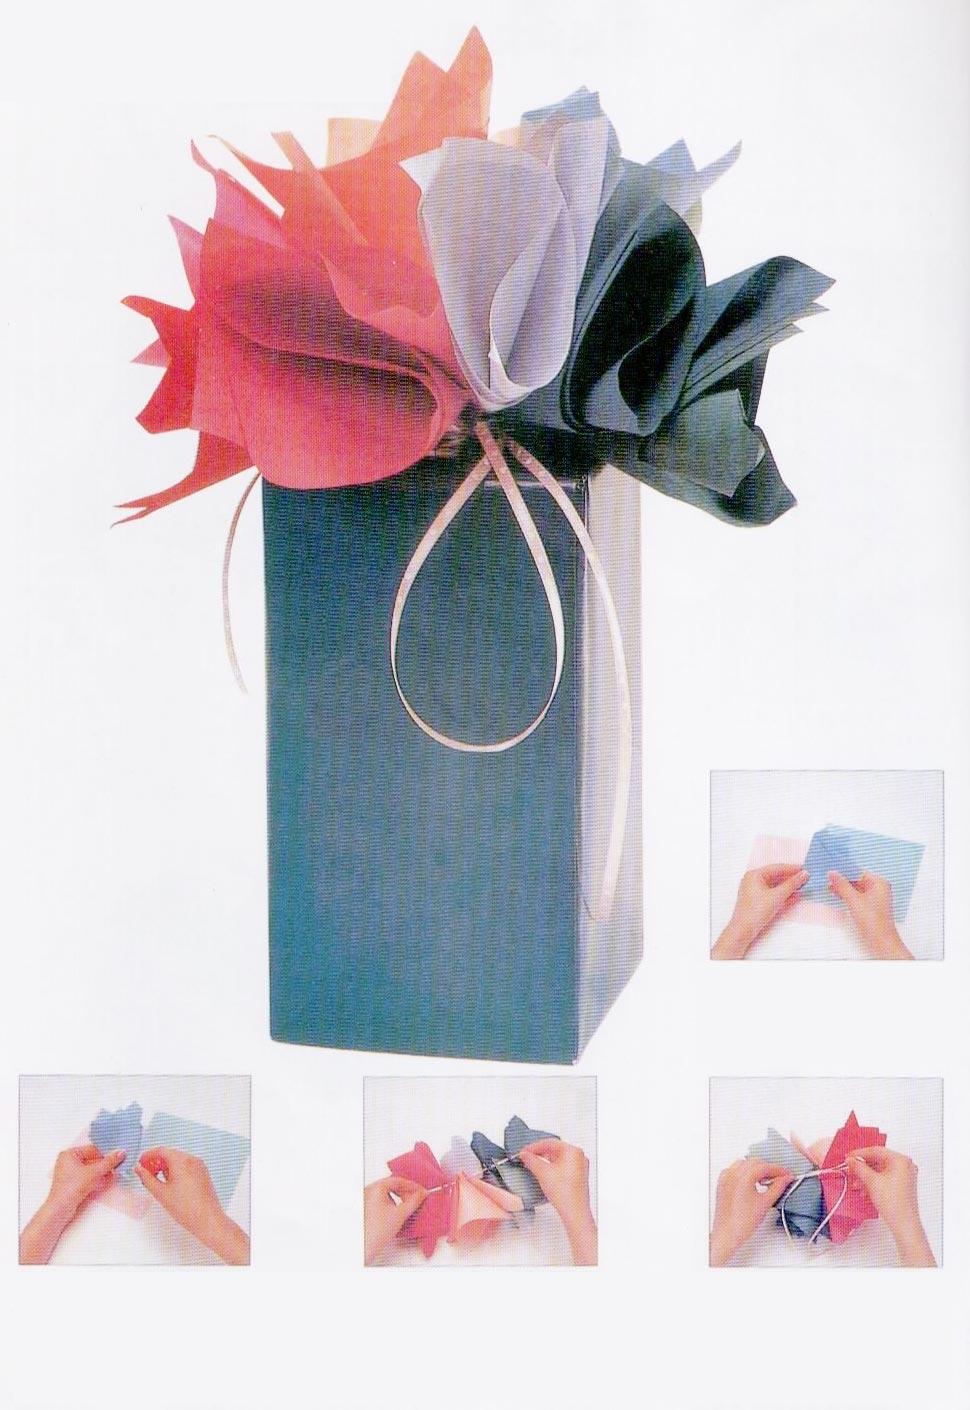 Badulake de ana envolver regalos ideas for Ideas para envolver regalos